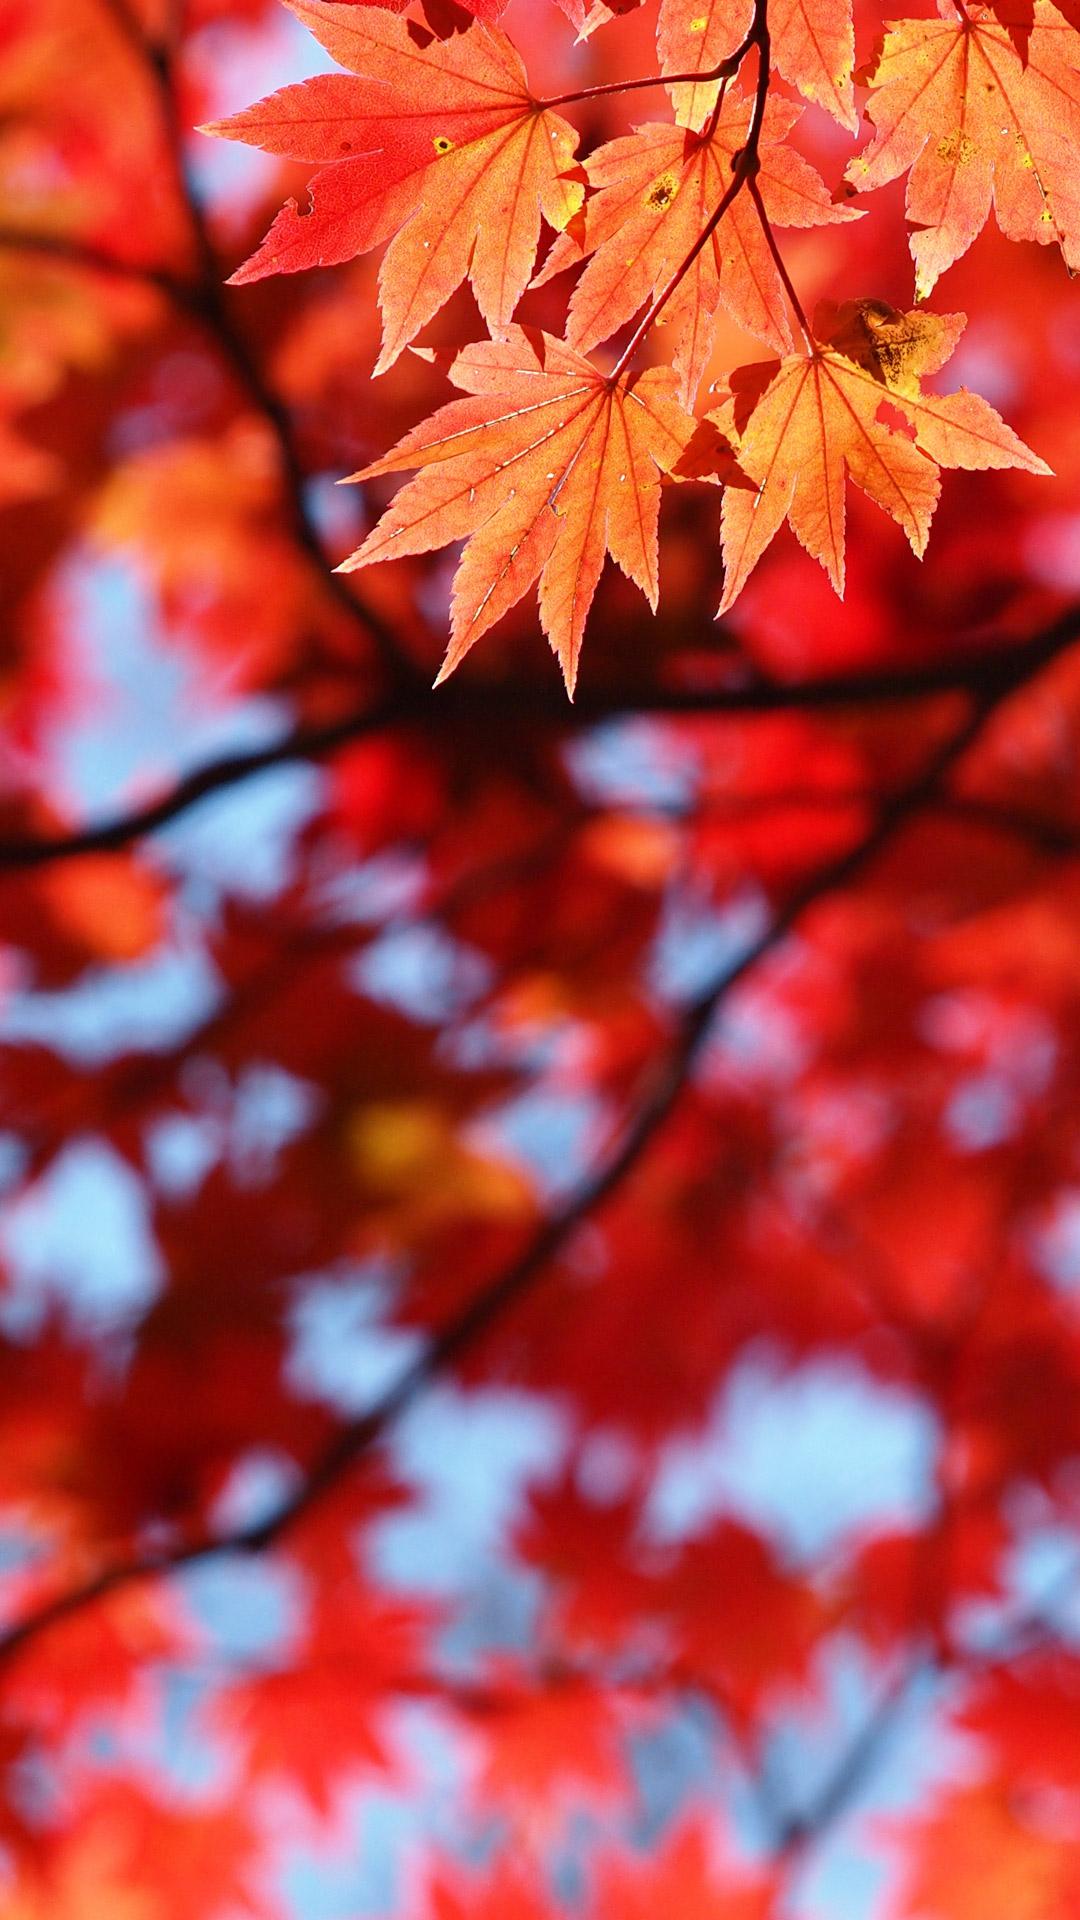 シンプル 赤 レッド の壁紙 赤色のシンプル写真の高解像度 高画質